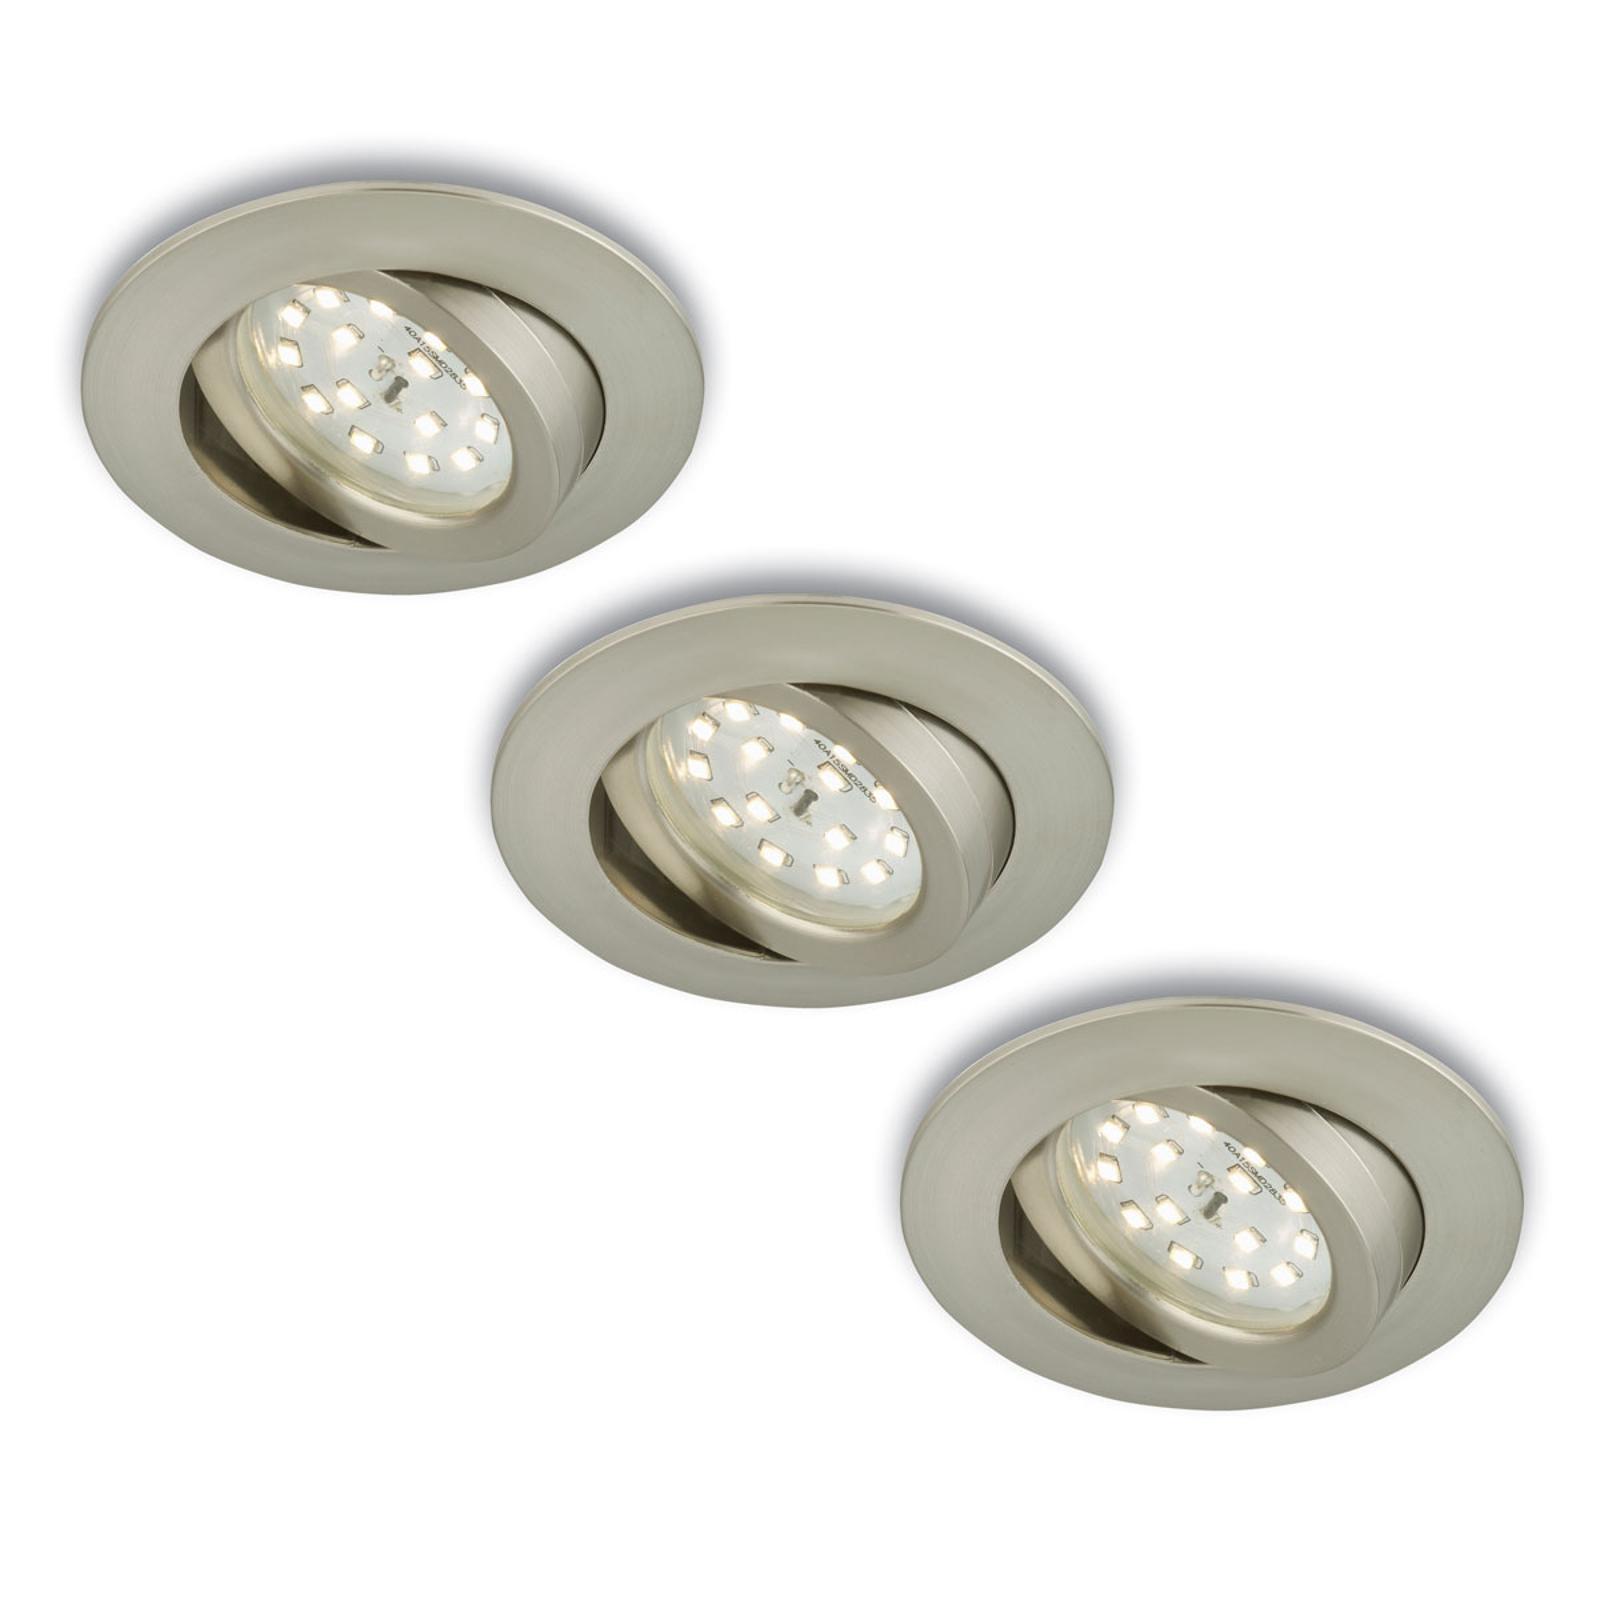 Drejelig LED-indbygningsspot, 3 stk., mat nikkel